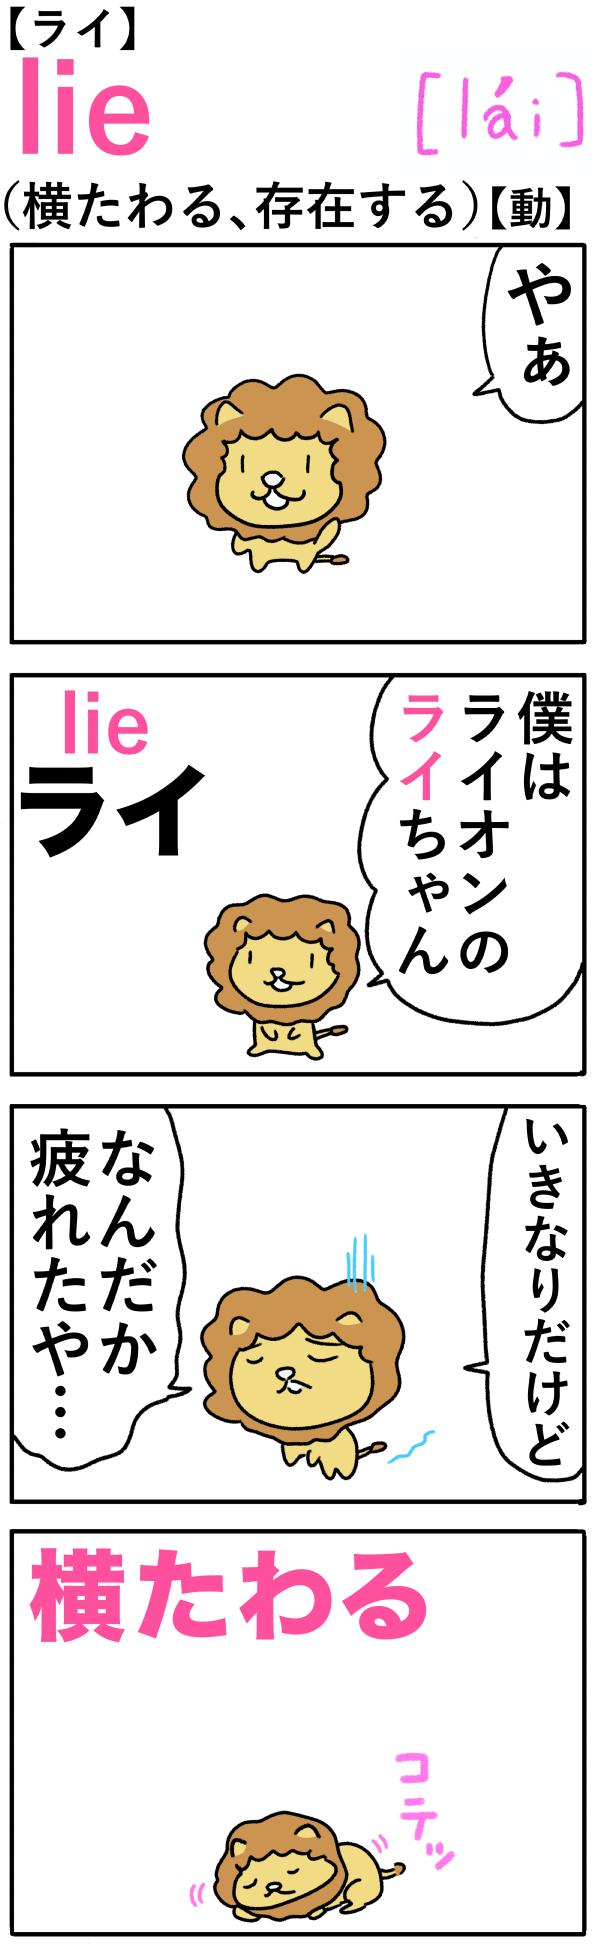 lie(横たわる)の語呂合わせ英単語